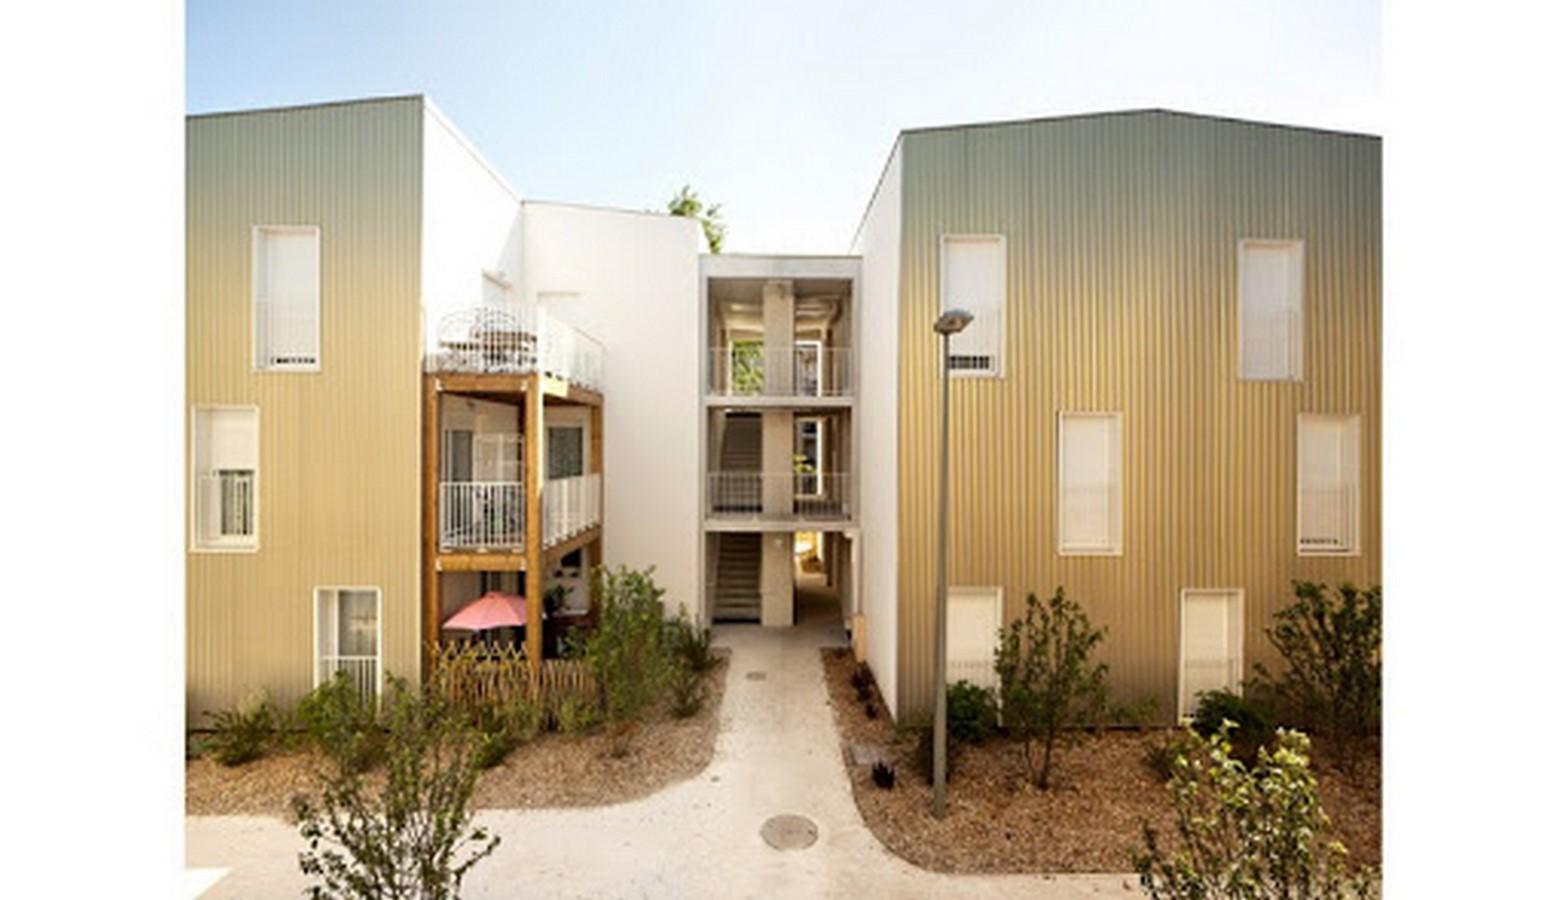 Architects in Bordeaux - Top 80 Architects in Bordeaux Sheet7